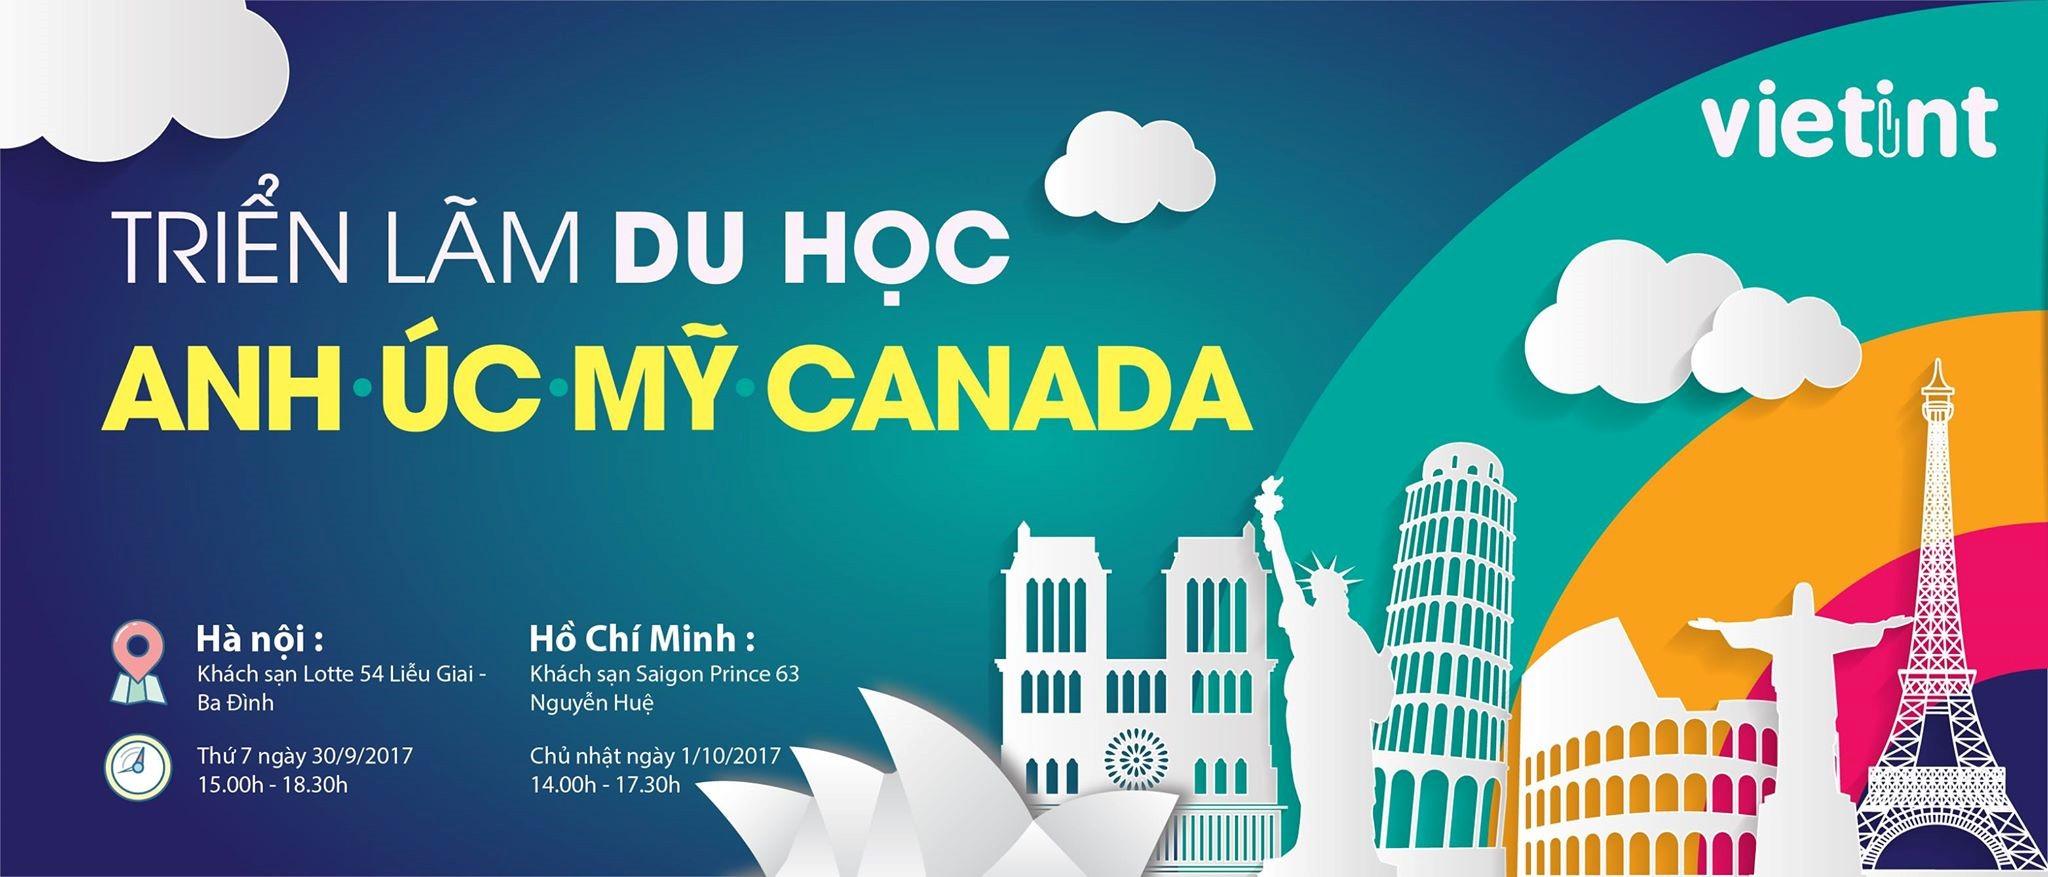 [HN/HCM] Triển Lãm Du Học Anh - Úc - Mỹ - Canada - Ngày Hội Thông Tin Du Học Chuyên Nghiệp - Đẳng Cấp Về Học Bổng - Nghề Nghiệp - Định Cư 2017